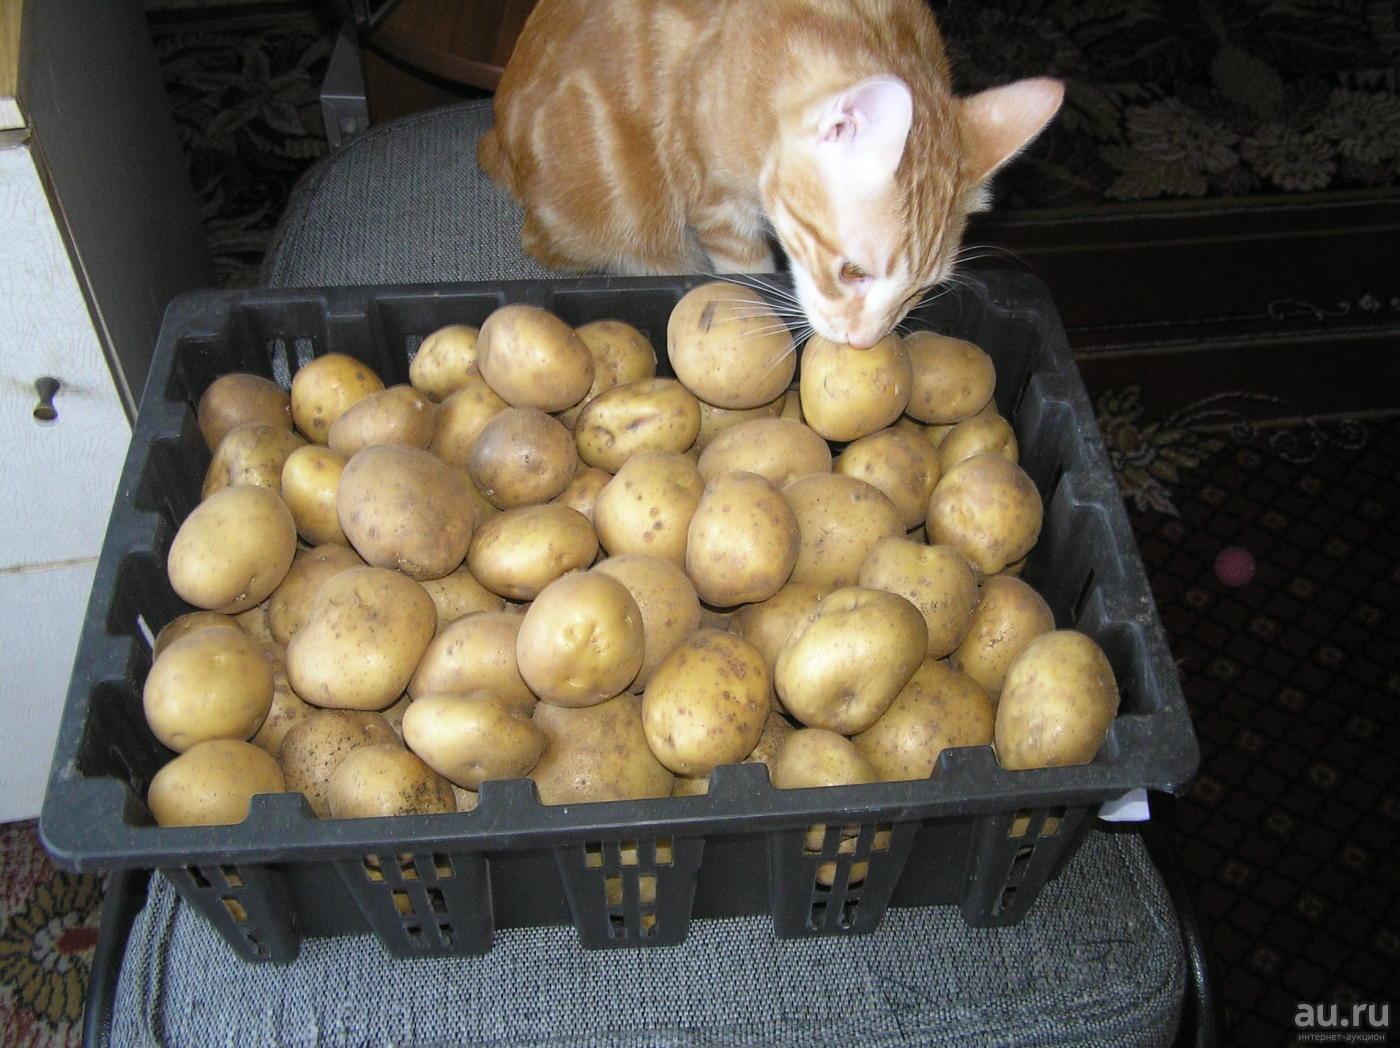 Картофель сорта тимо: особенности и характеристика, посадка, выращивание и уход, фото